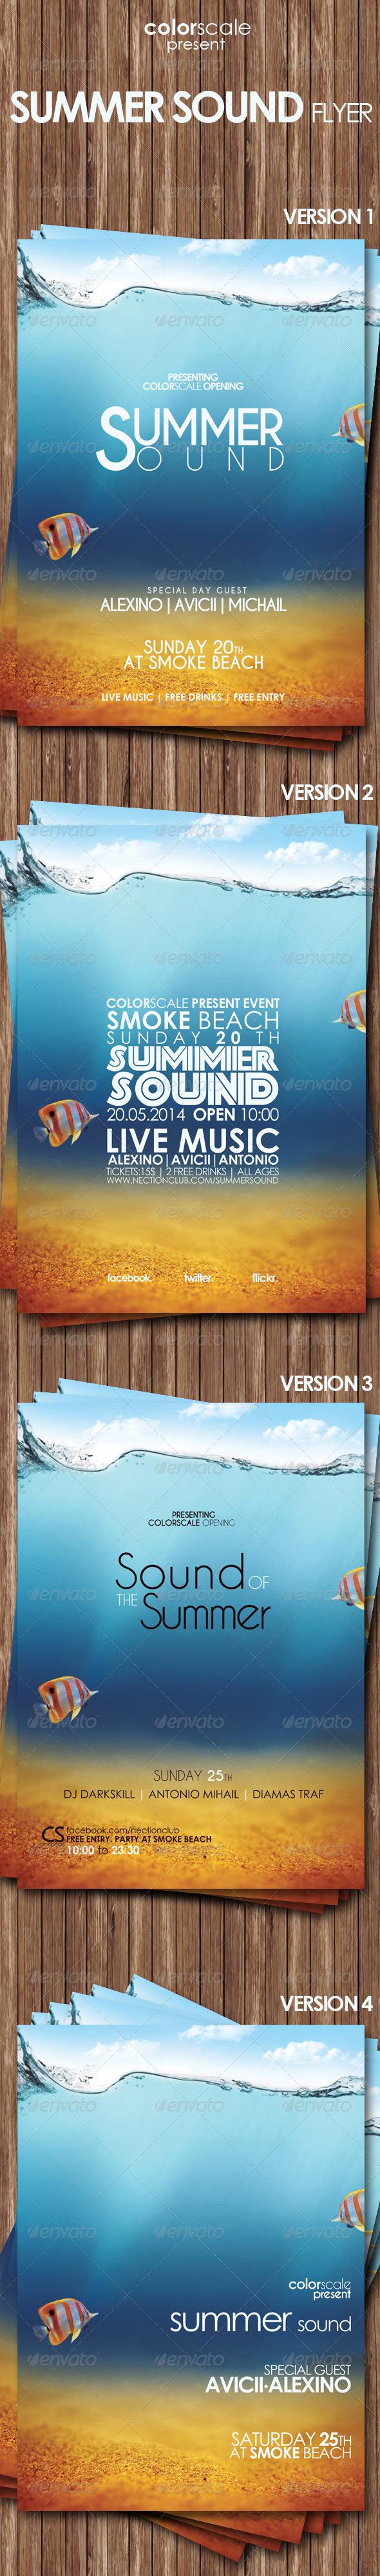 GraphicRiver Summer Sound Flyer 7729918